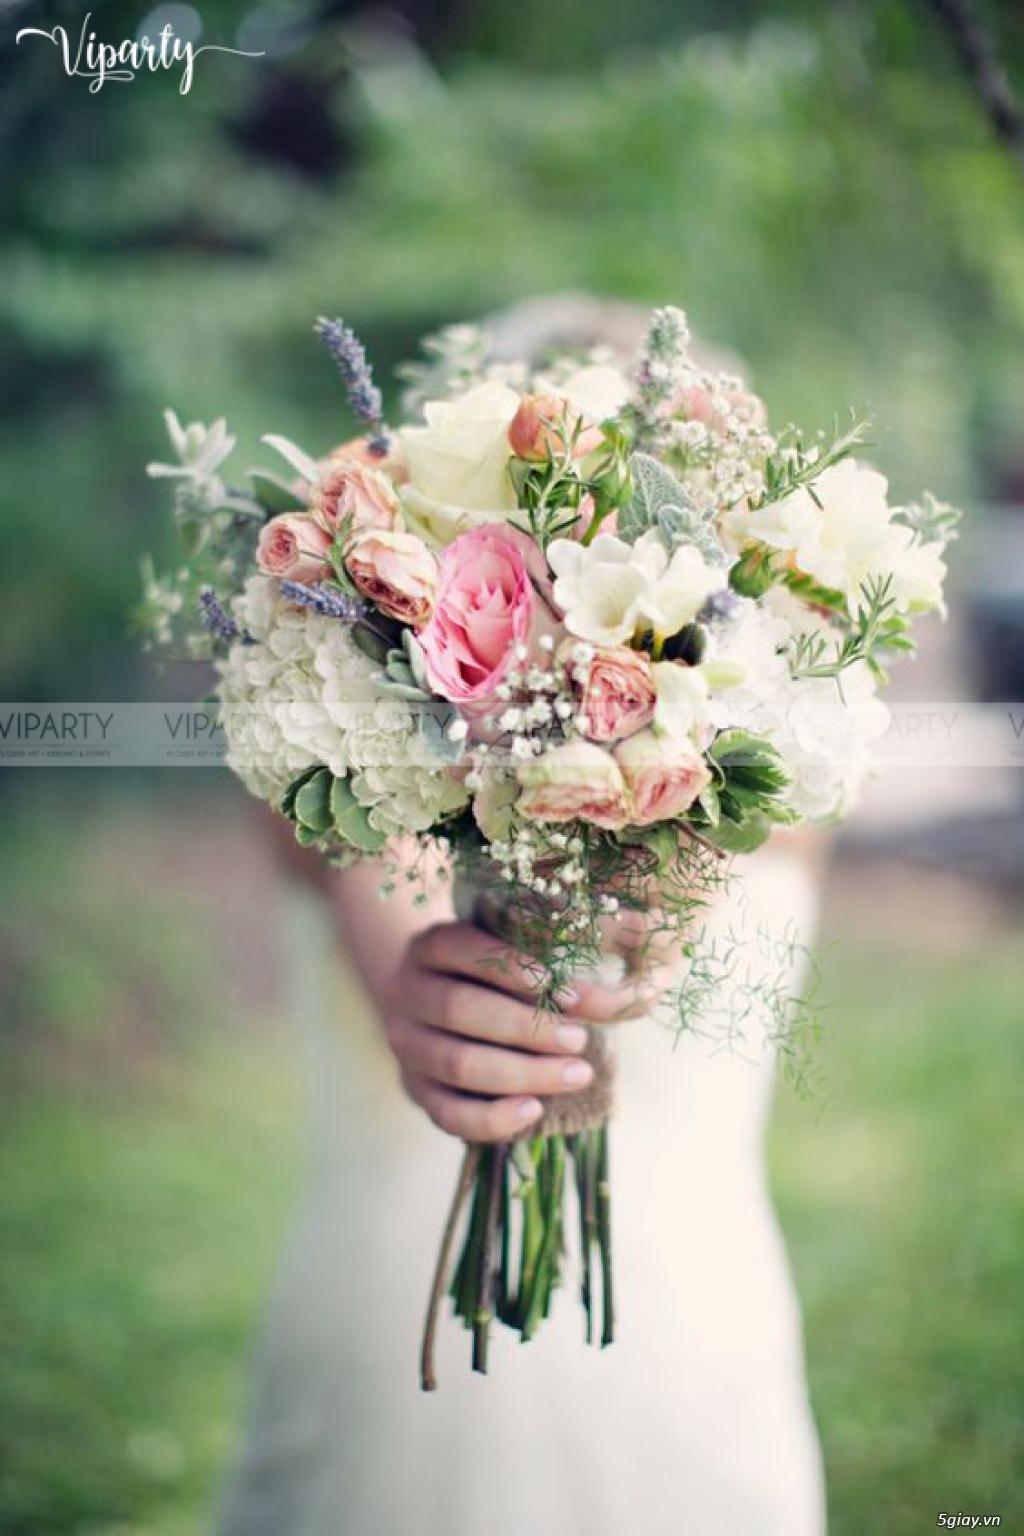 Chuyên cung cấp: Hoa cầm tay Cô Dâu & Hoa Sự Kiện : Wedding & Events - 8